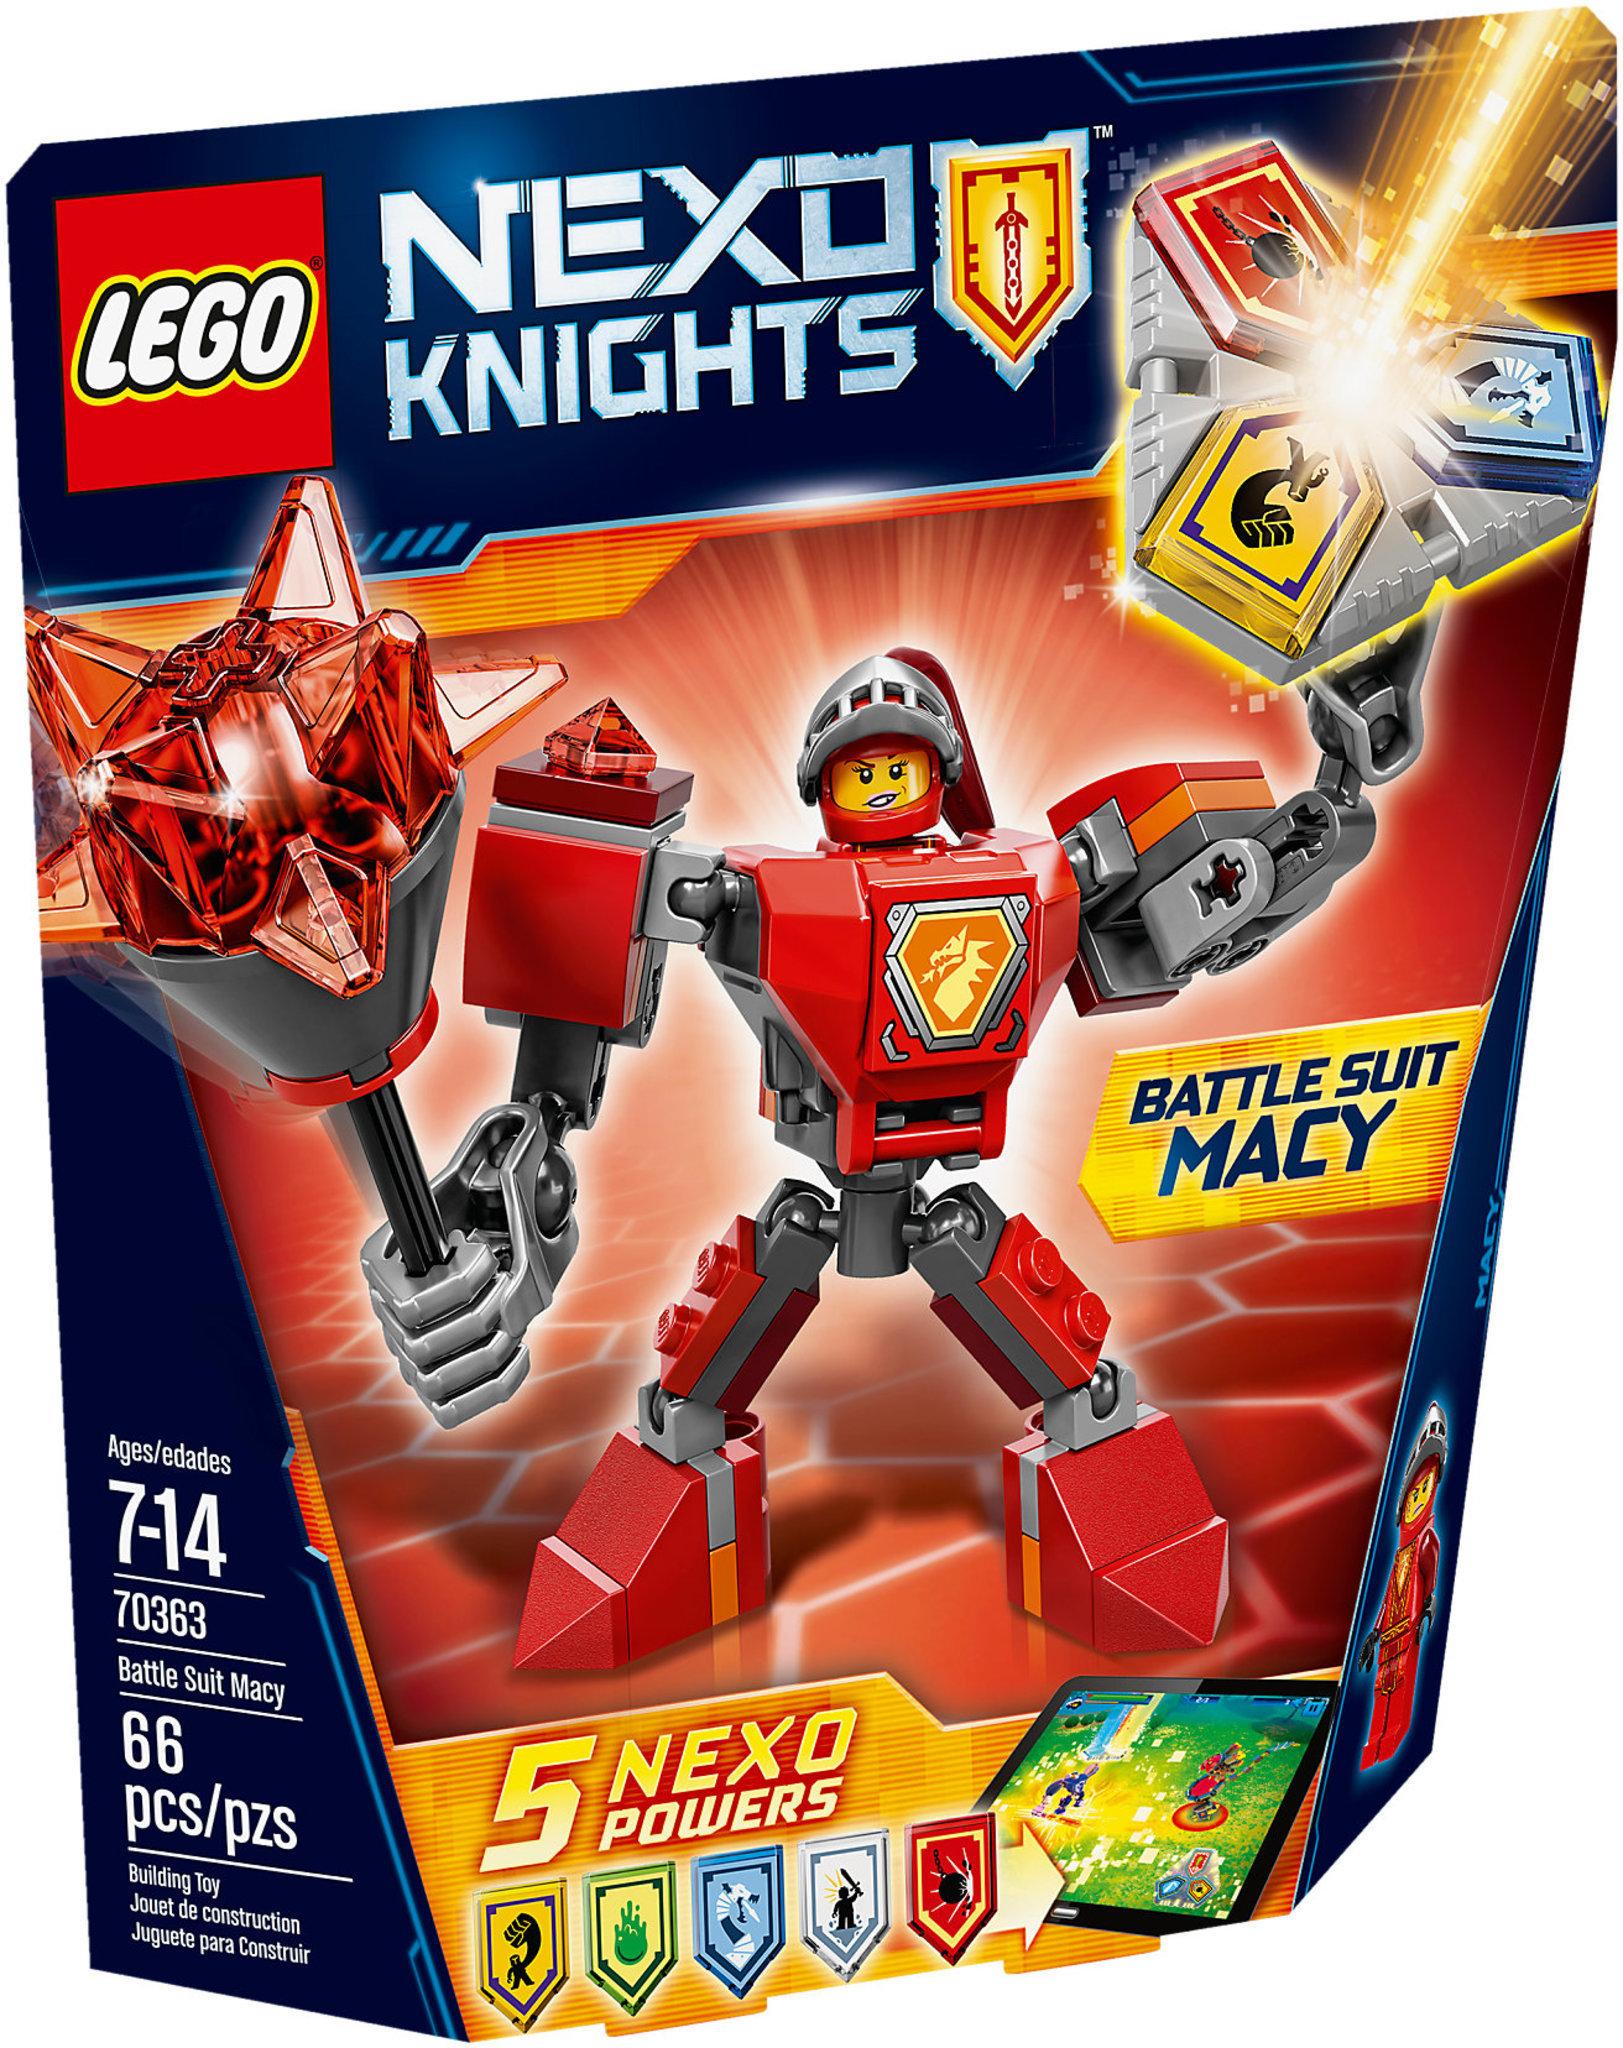 LEGO Nexo Knights 70363 - Battle Suit Macy | Mattonito